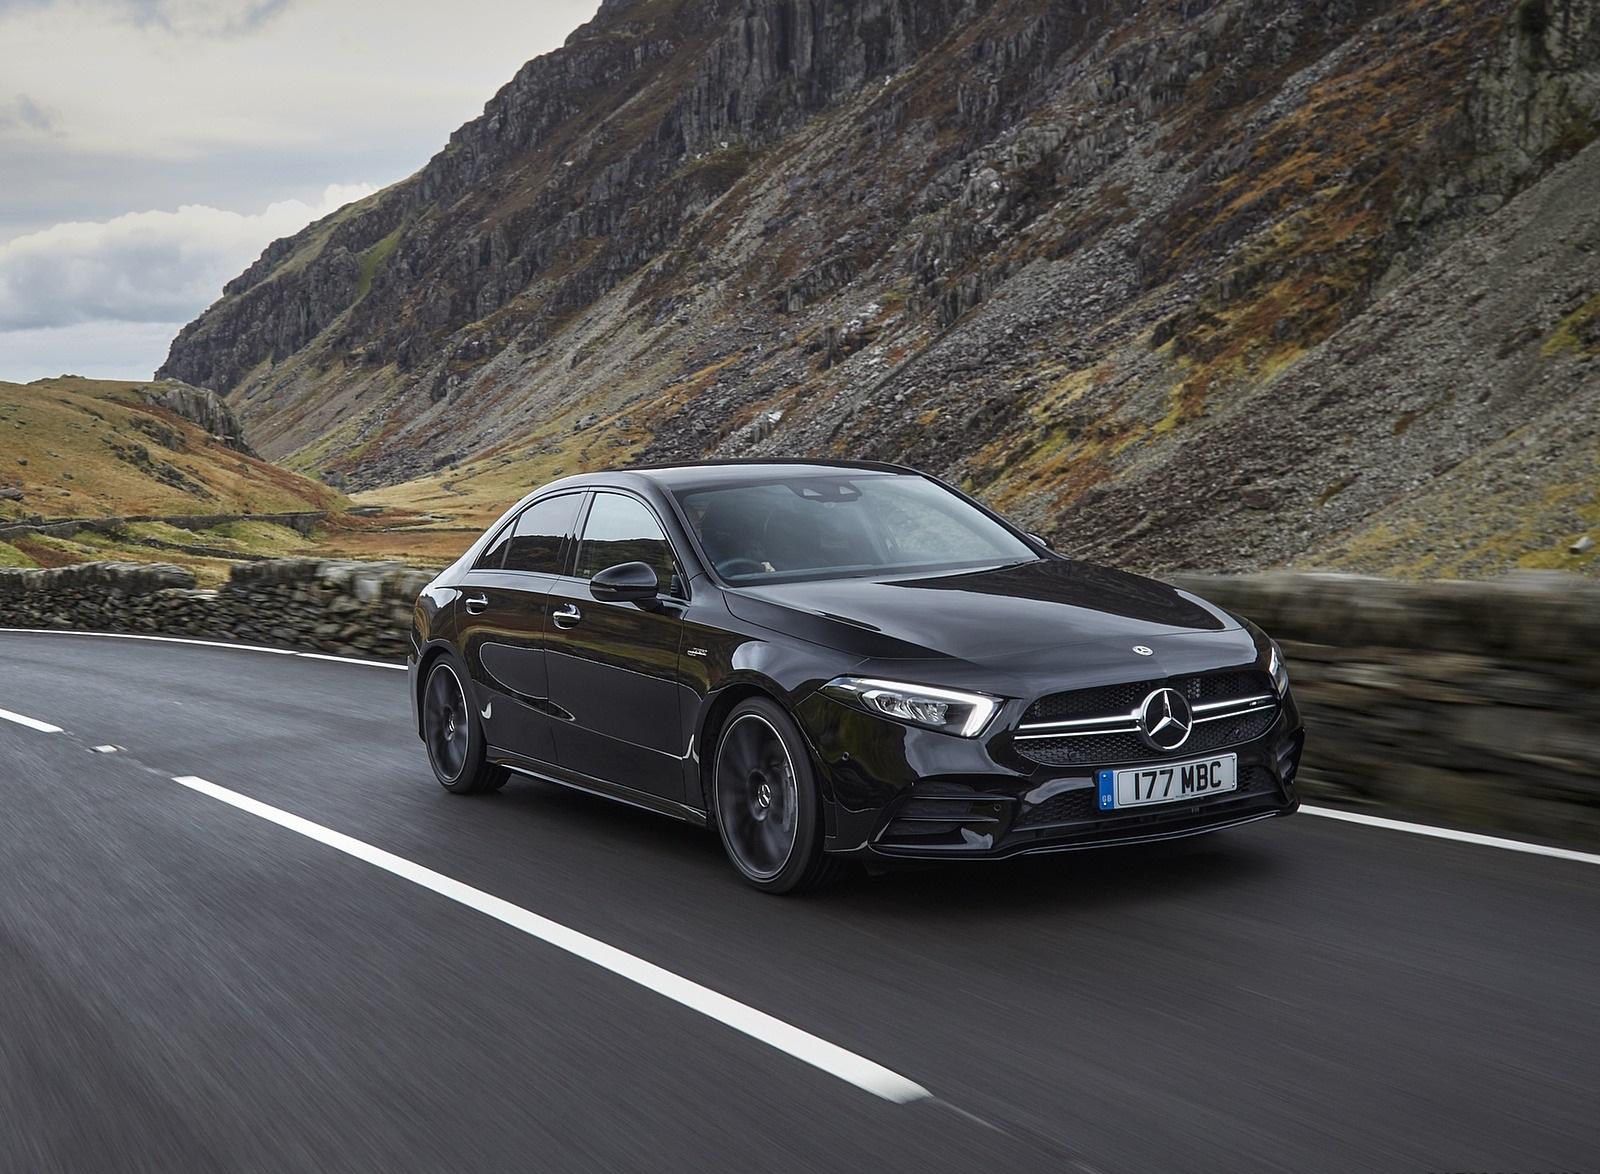 2020 Mercedes-AMG A 35 Sedan (UK-Spec) Front Three-Quarter Wallpapers (4)